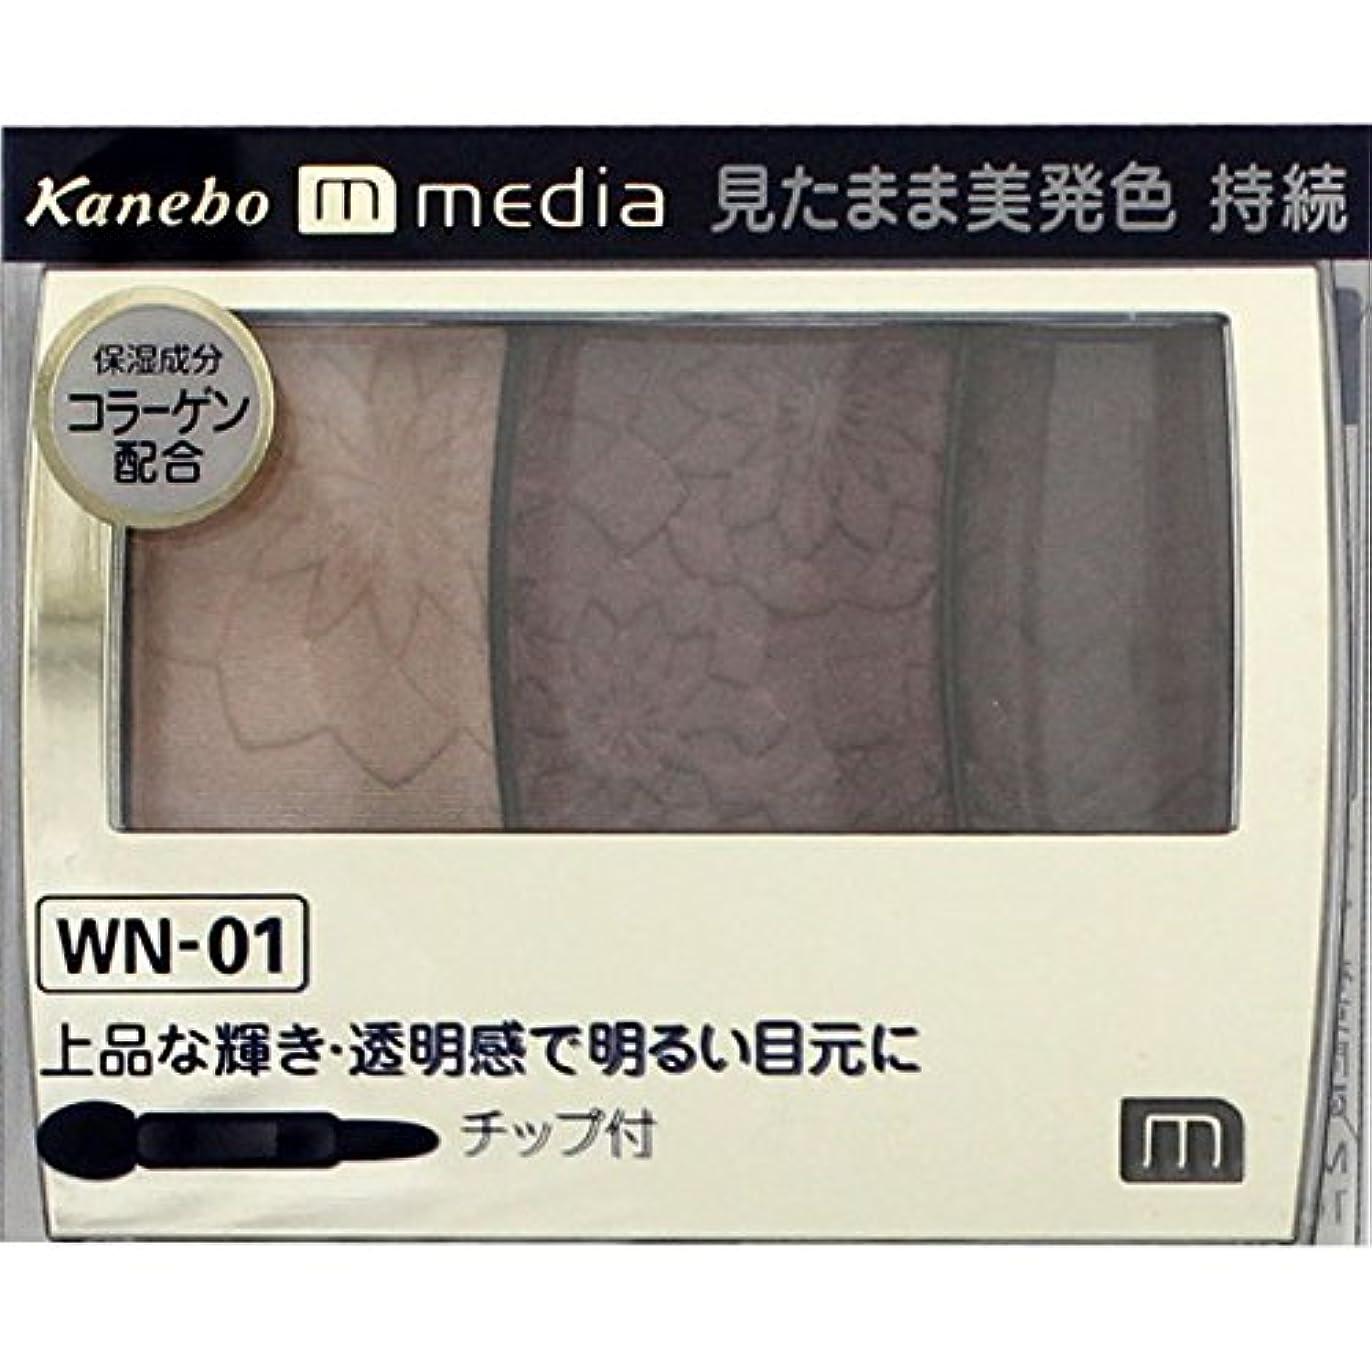 ドットデッドすみません【カネボウ】 メディア グラデカラーアイシャドウ WN-01